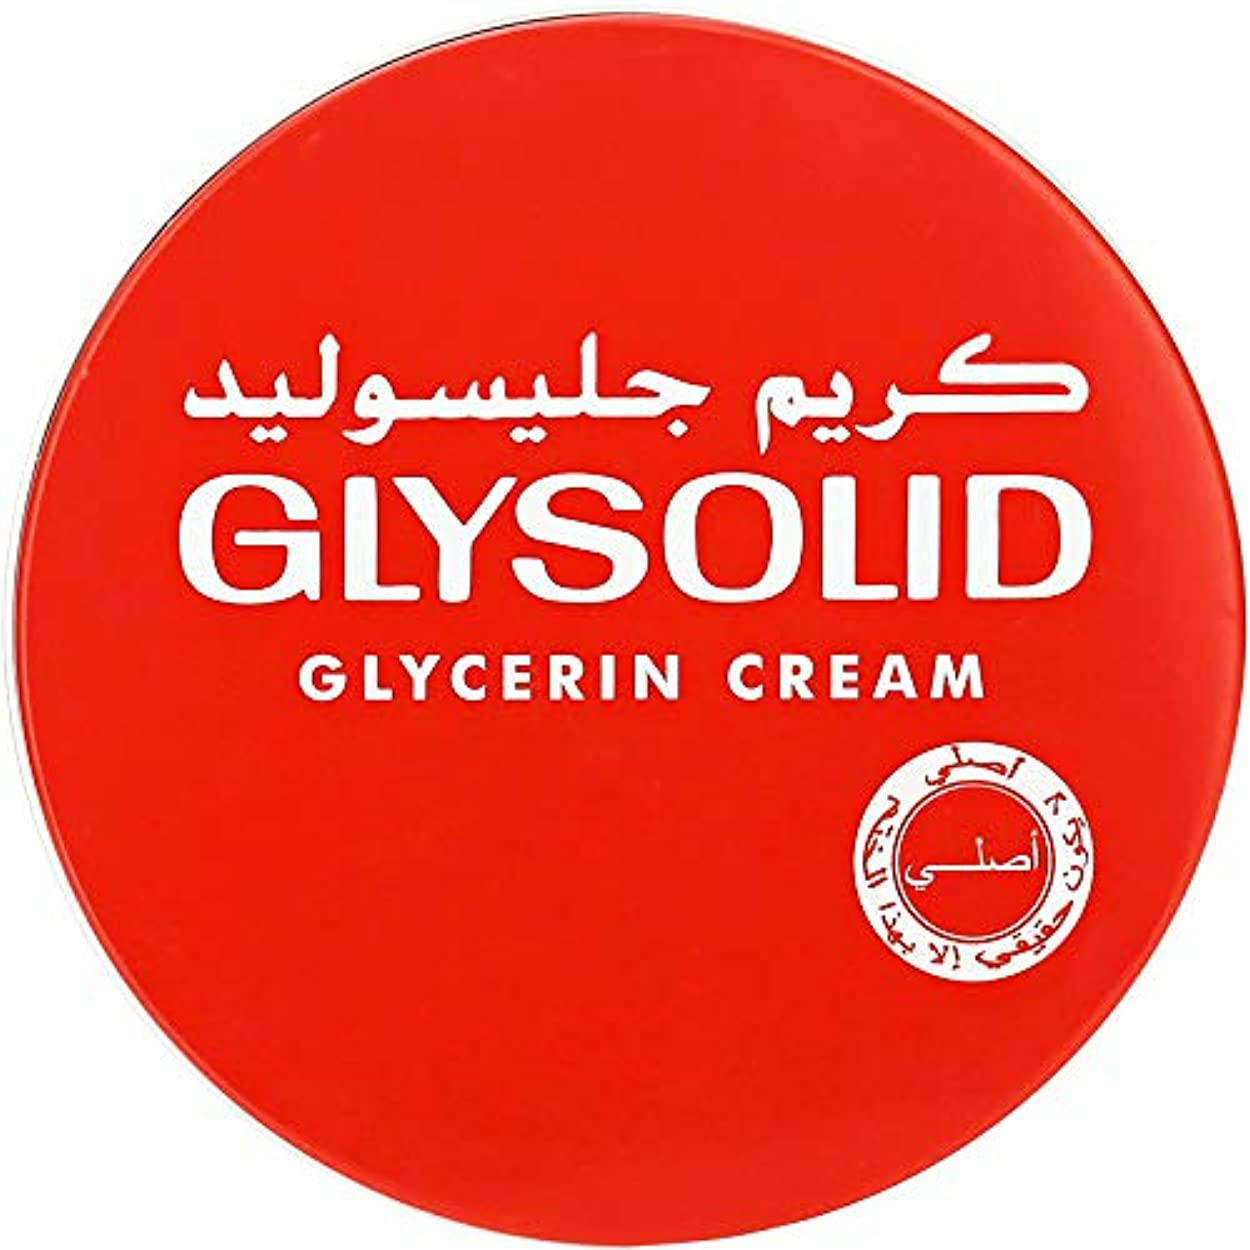 自分の力ですべてをする意図的最終Glysolid Cream Face Moisturizers For Dry Skin Hands Feet Elbow Body Softening With Glycerin Keeping Your Skin...